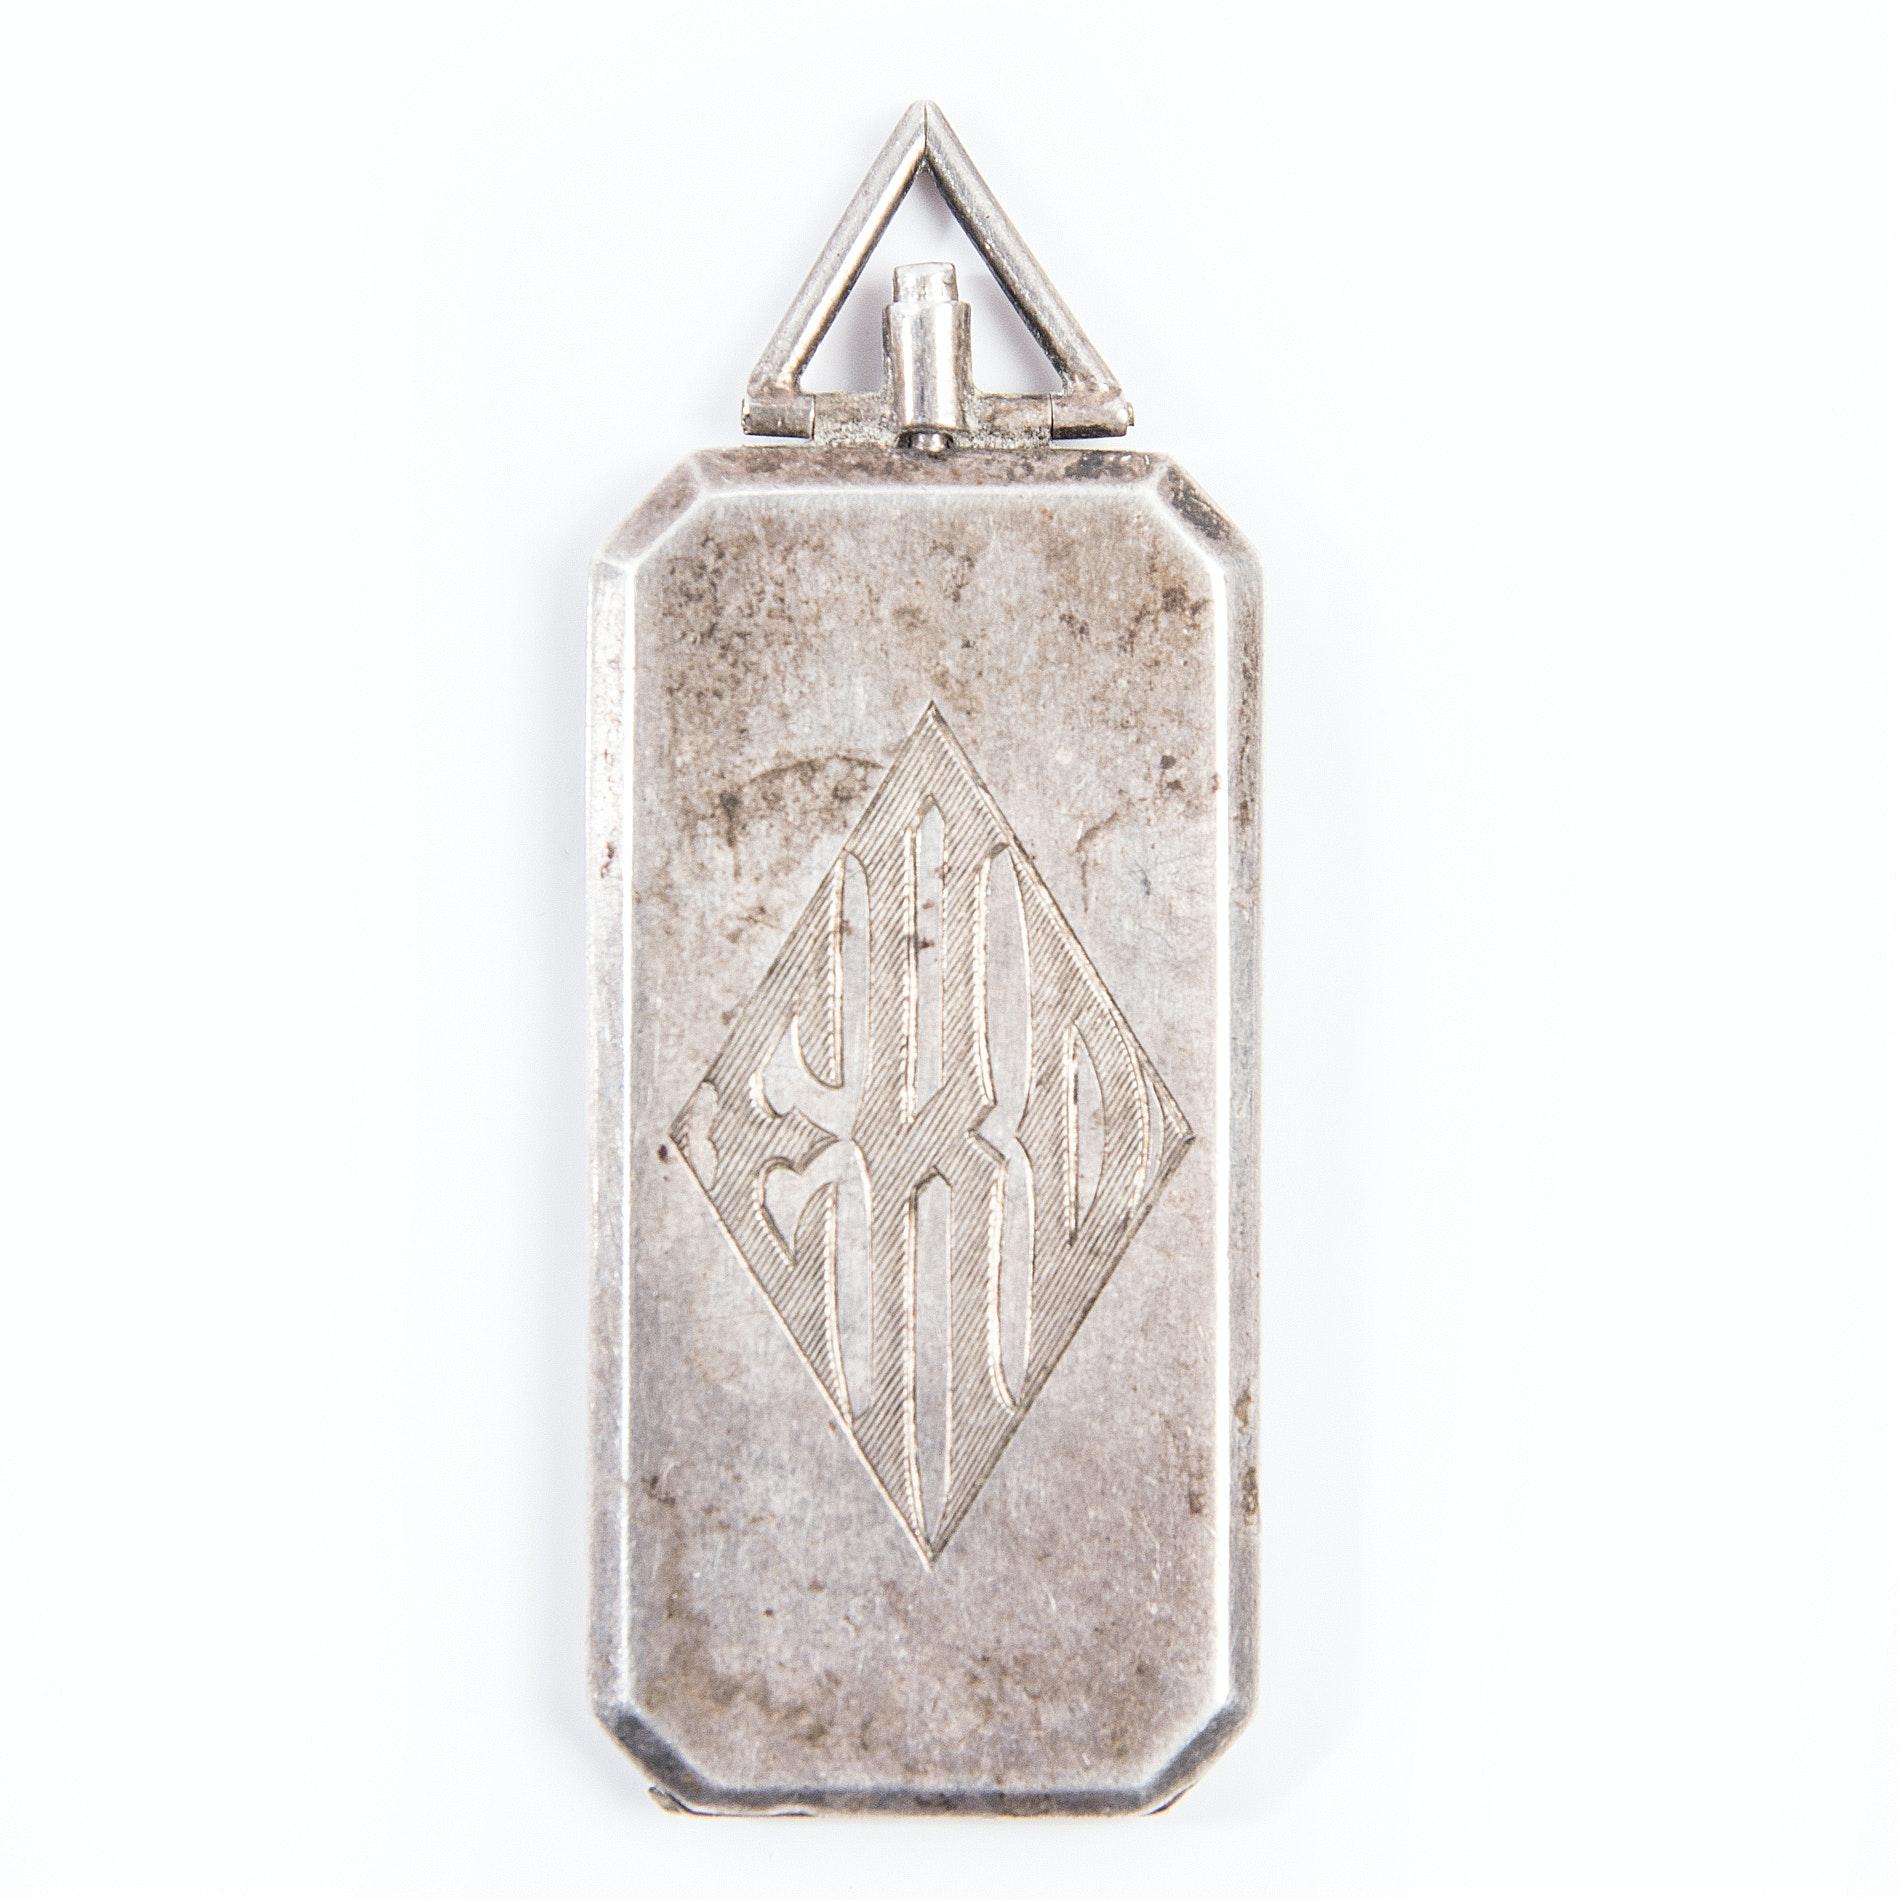 Vintage Sterling Silver Locket Pendant